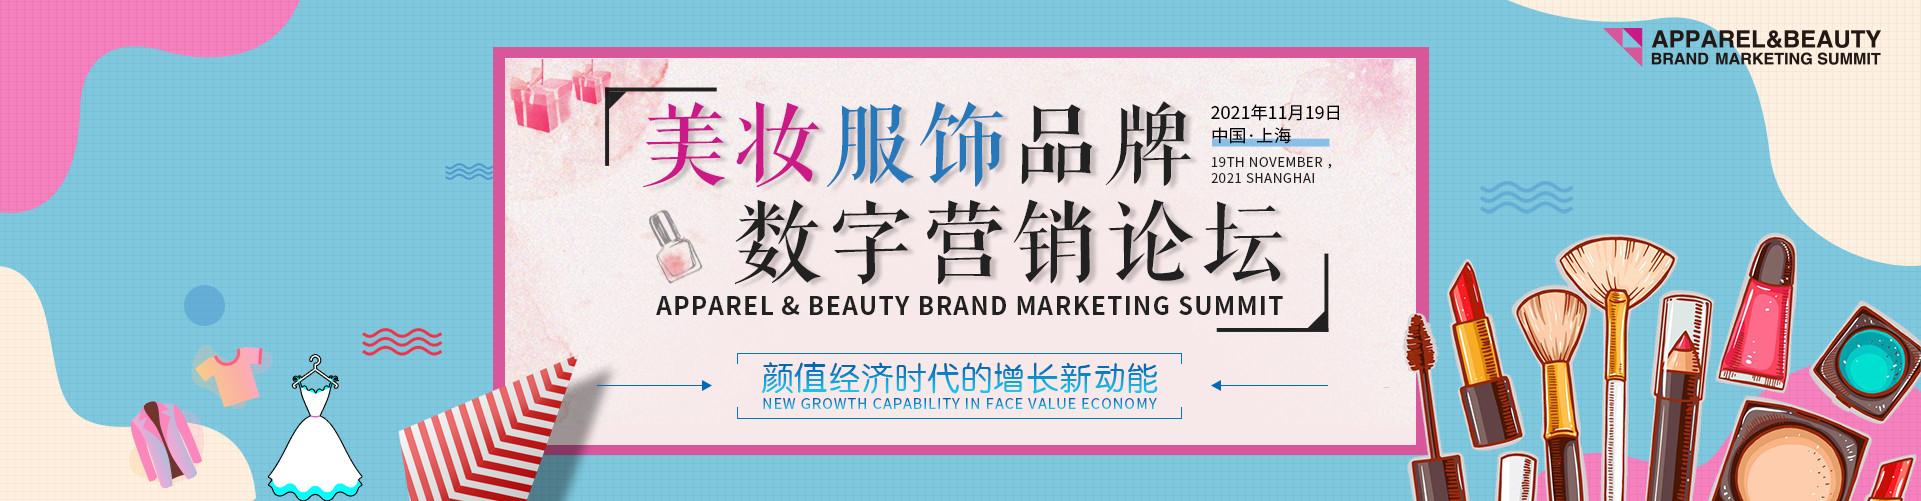 第二届服饰美妆品牌营销论坛